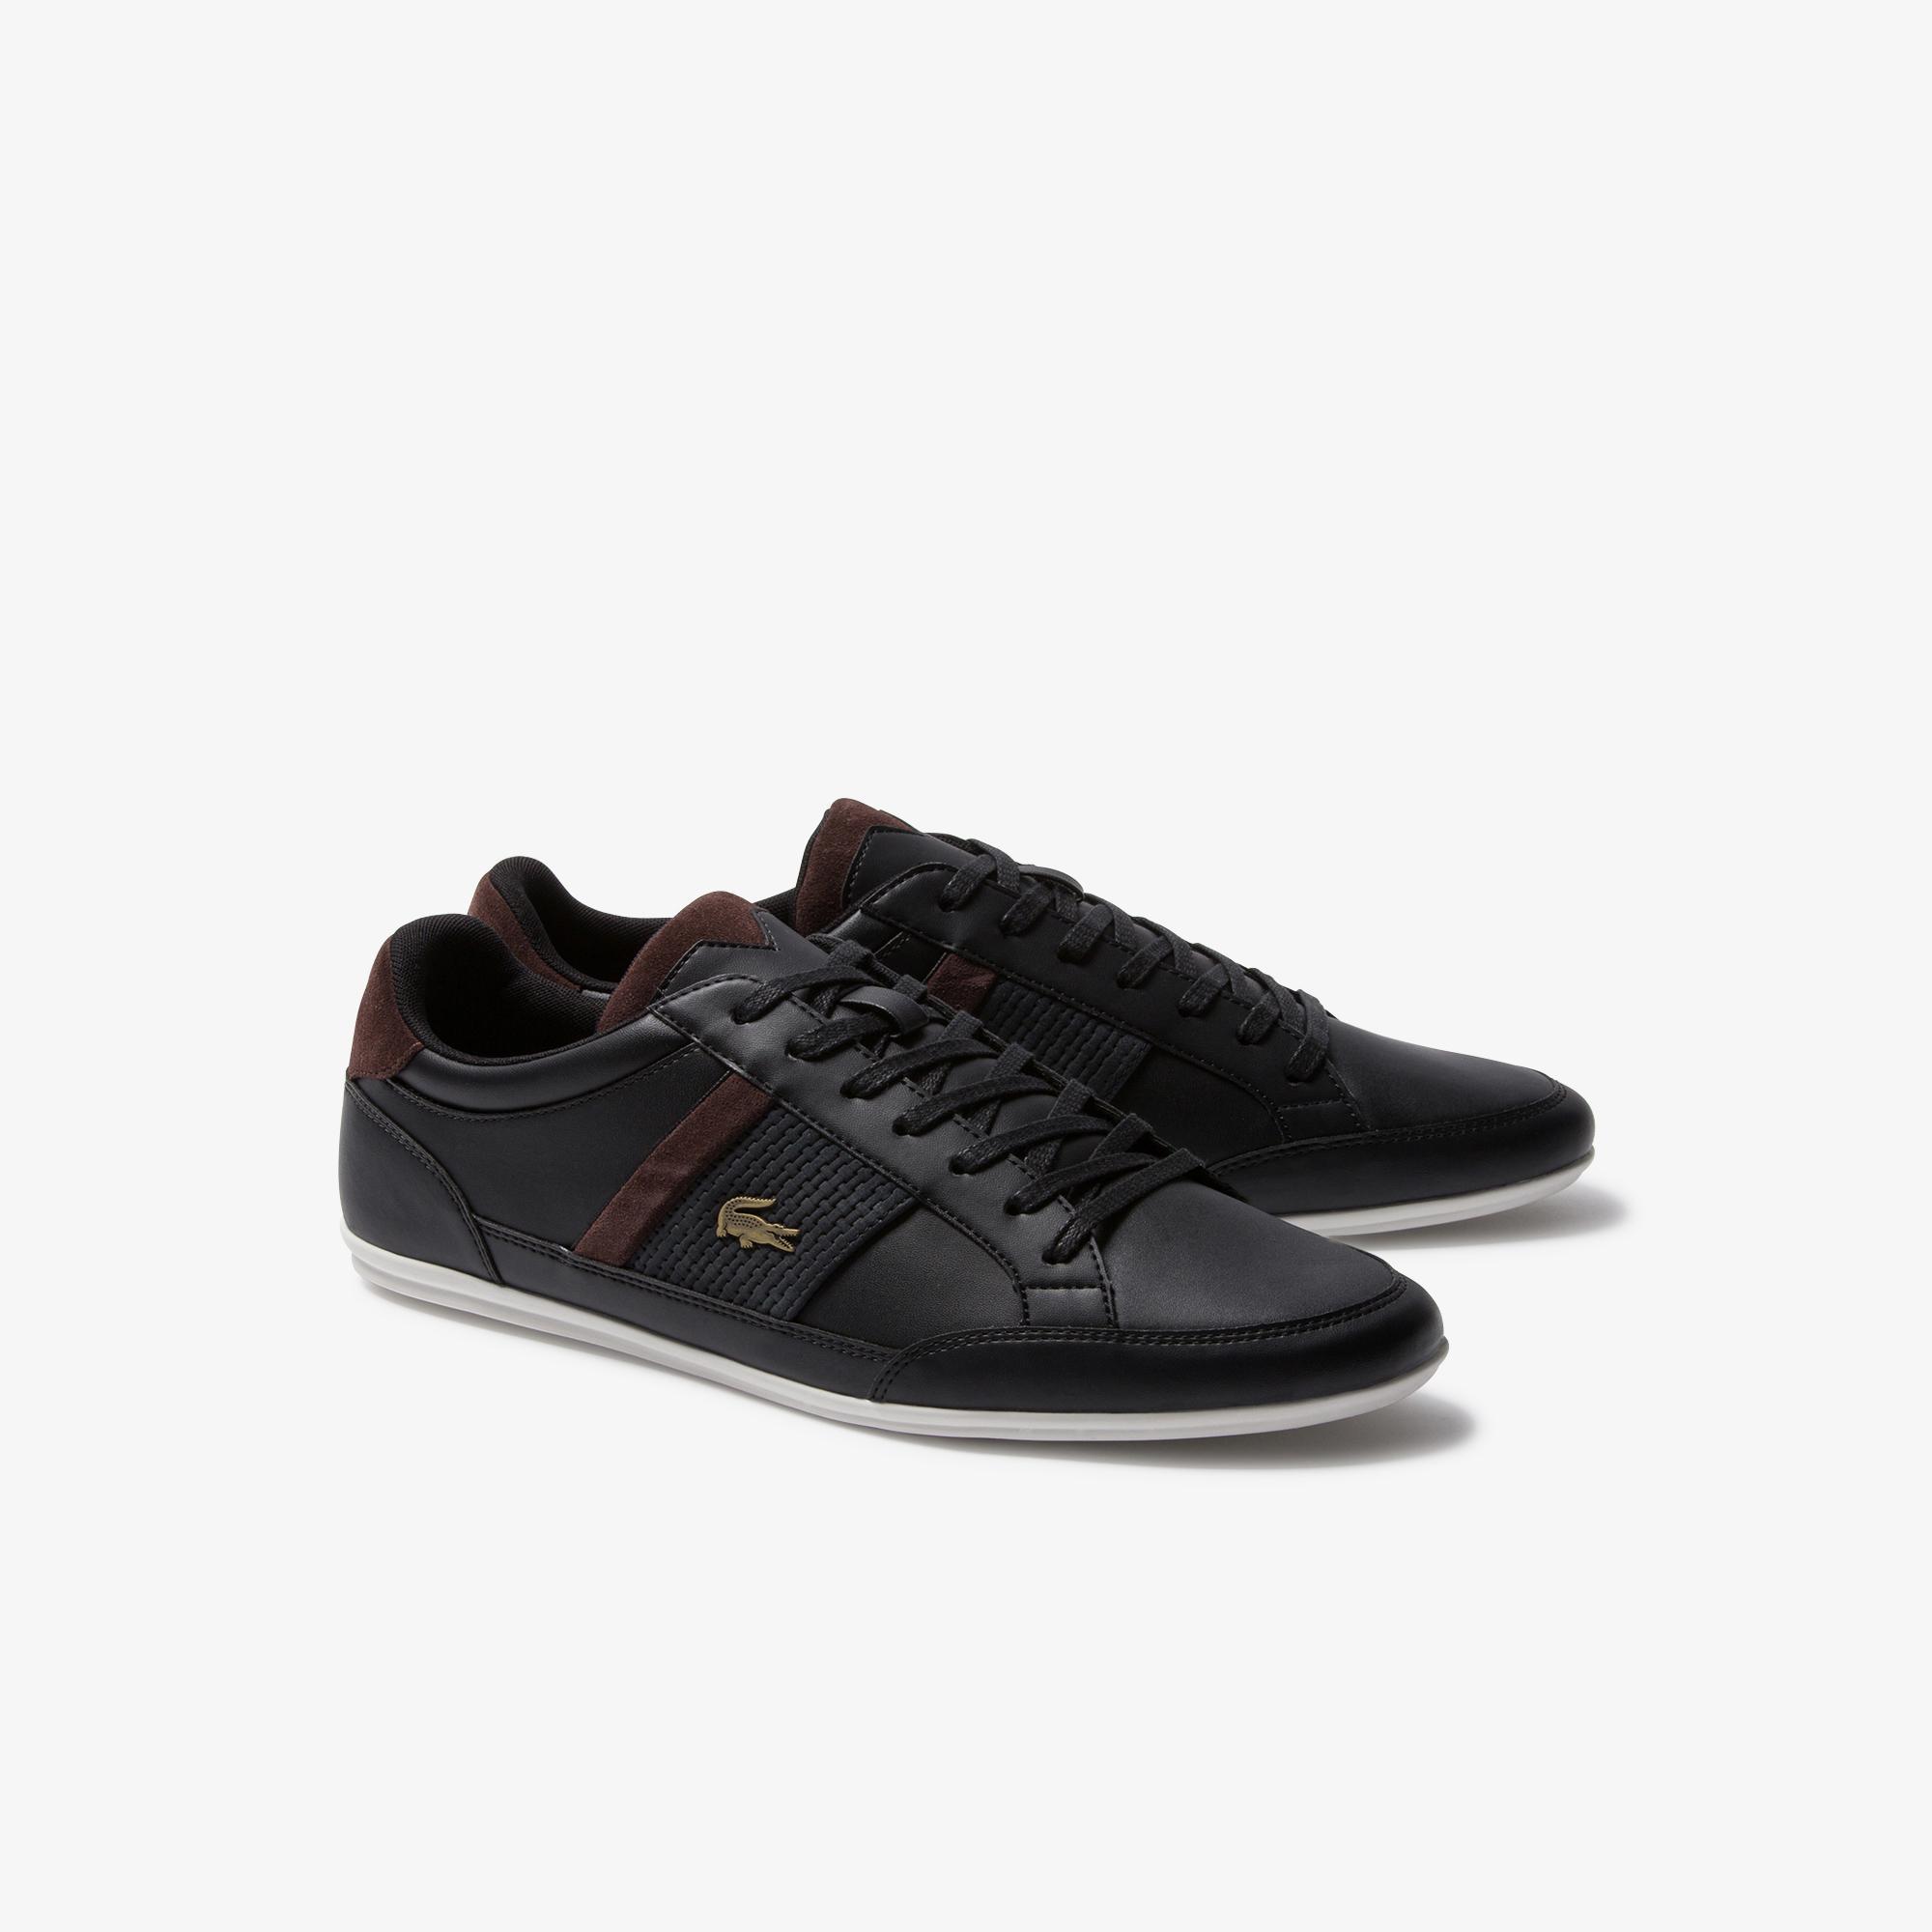 Lacoste Chaymon 120 4 Men's Sneakers